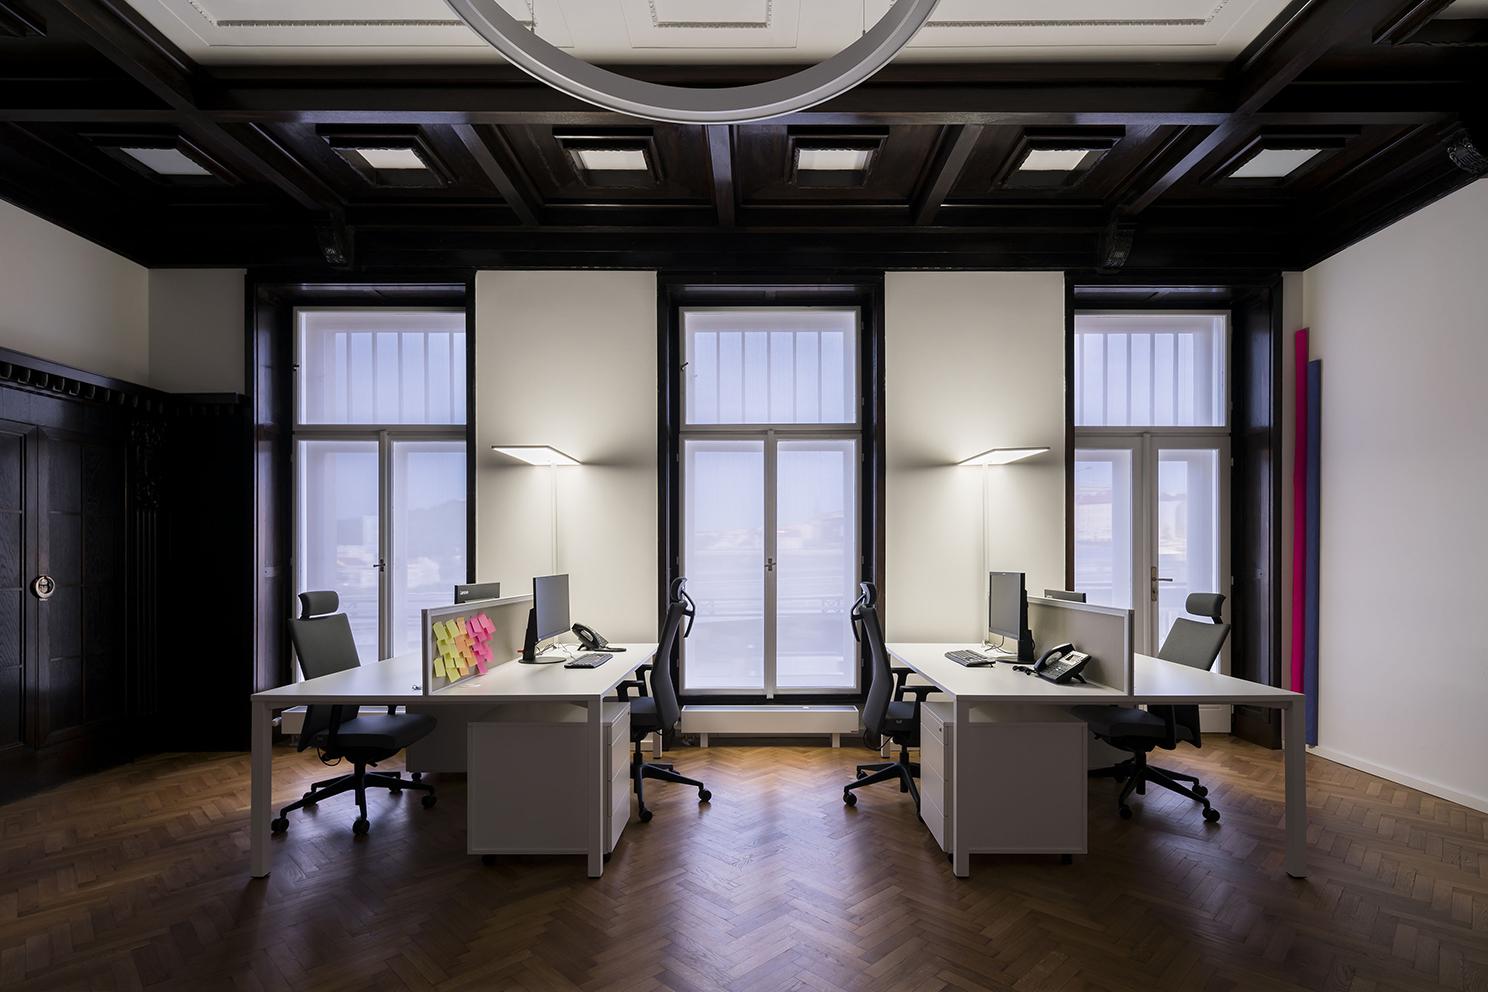 06_foto-studio-flusser-BARBORA-LEBLOVA-INTERIORS-ARCHITECTURE-PRAGUE-2019